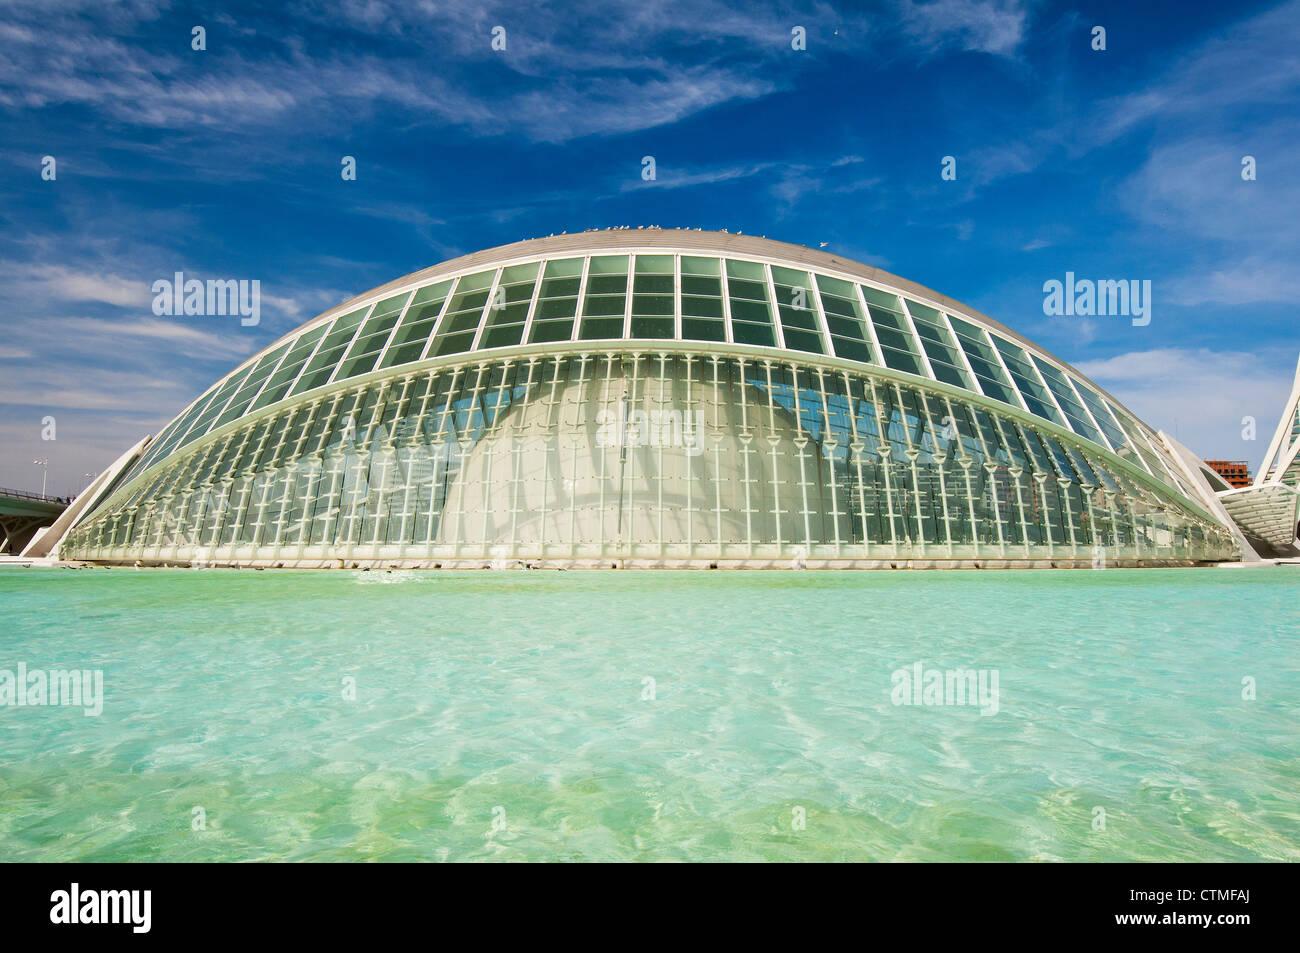 Hemisfèric Planetarium, Ciudad de las Artes y las Ciencias (City of Arts and Sciences), Valencia, Spain - Stock Image